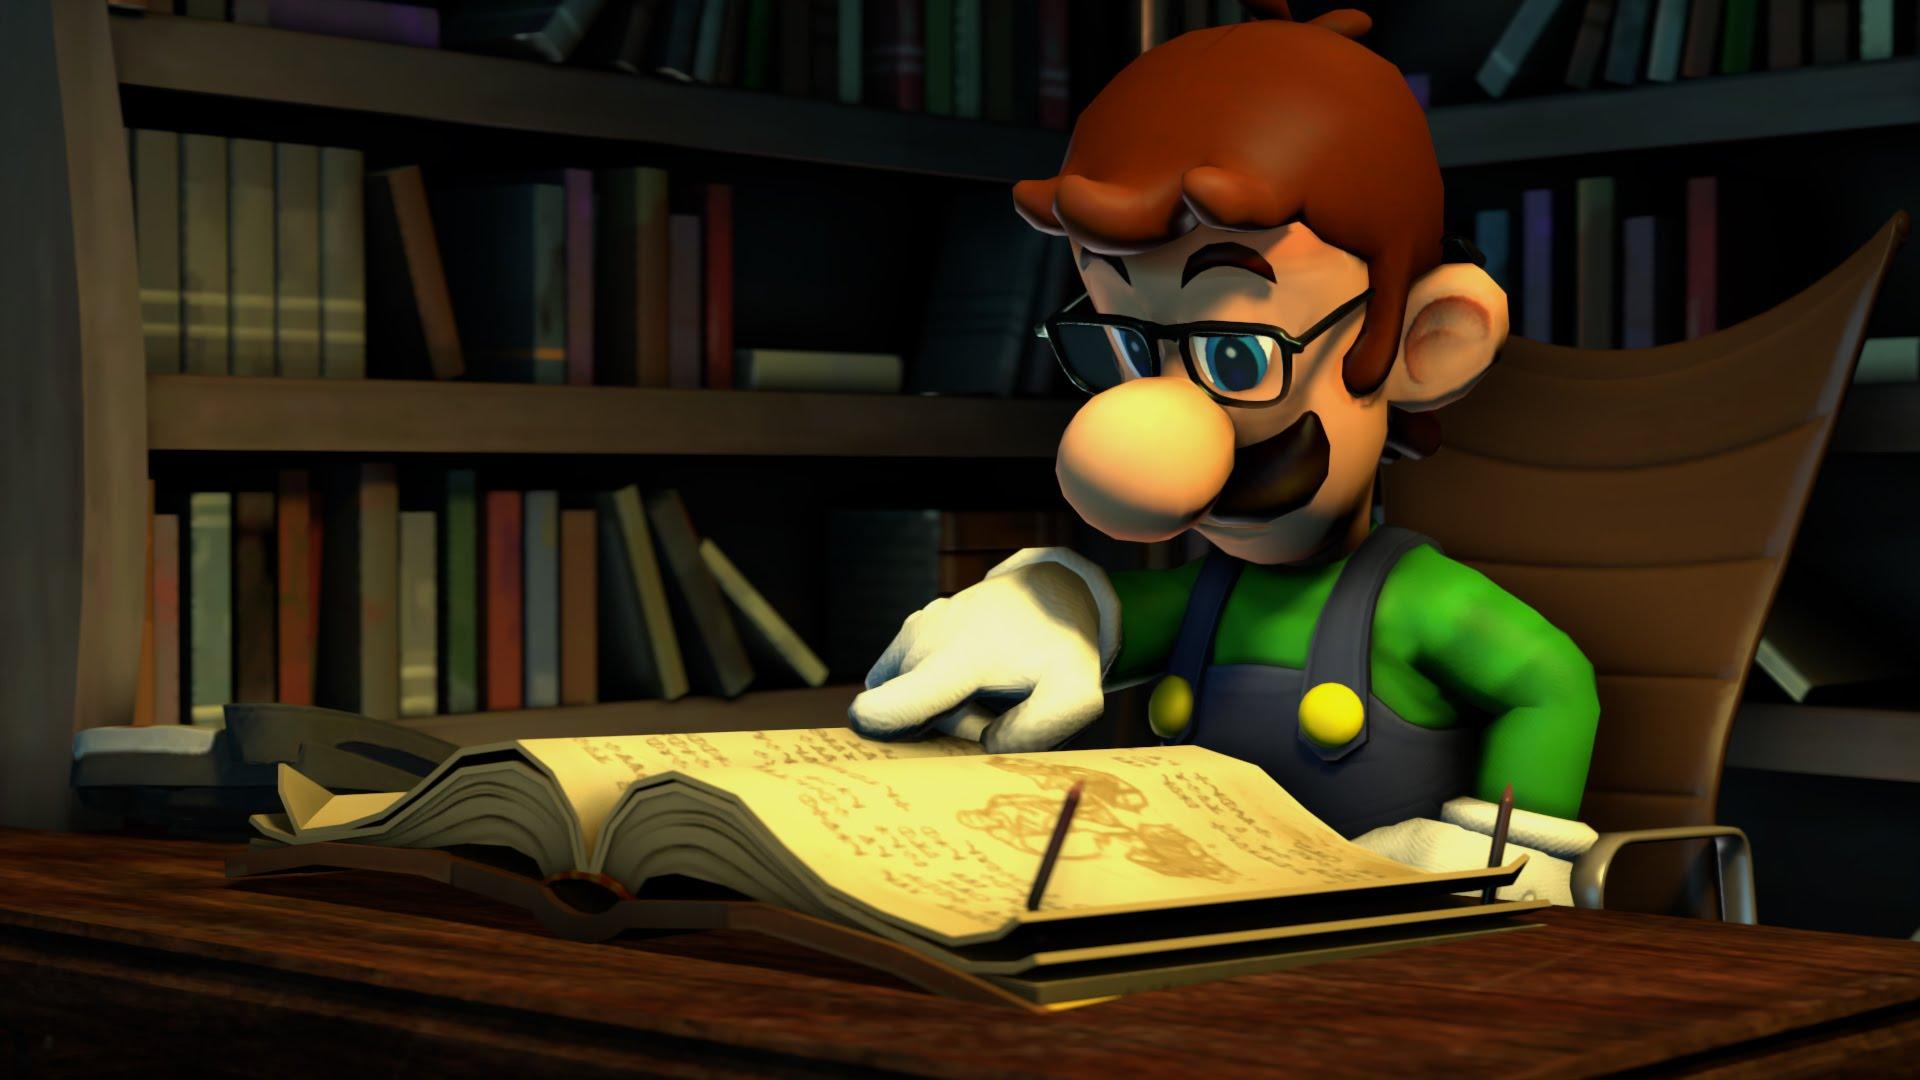 Luigi estudiando - Test videojuegos